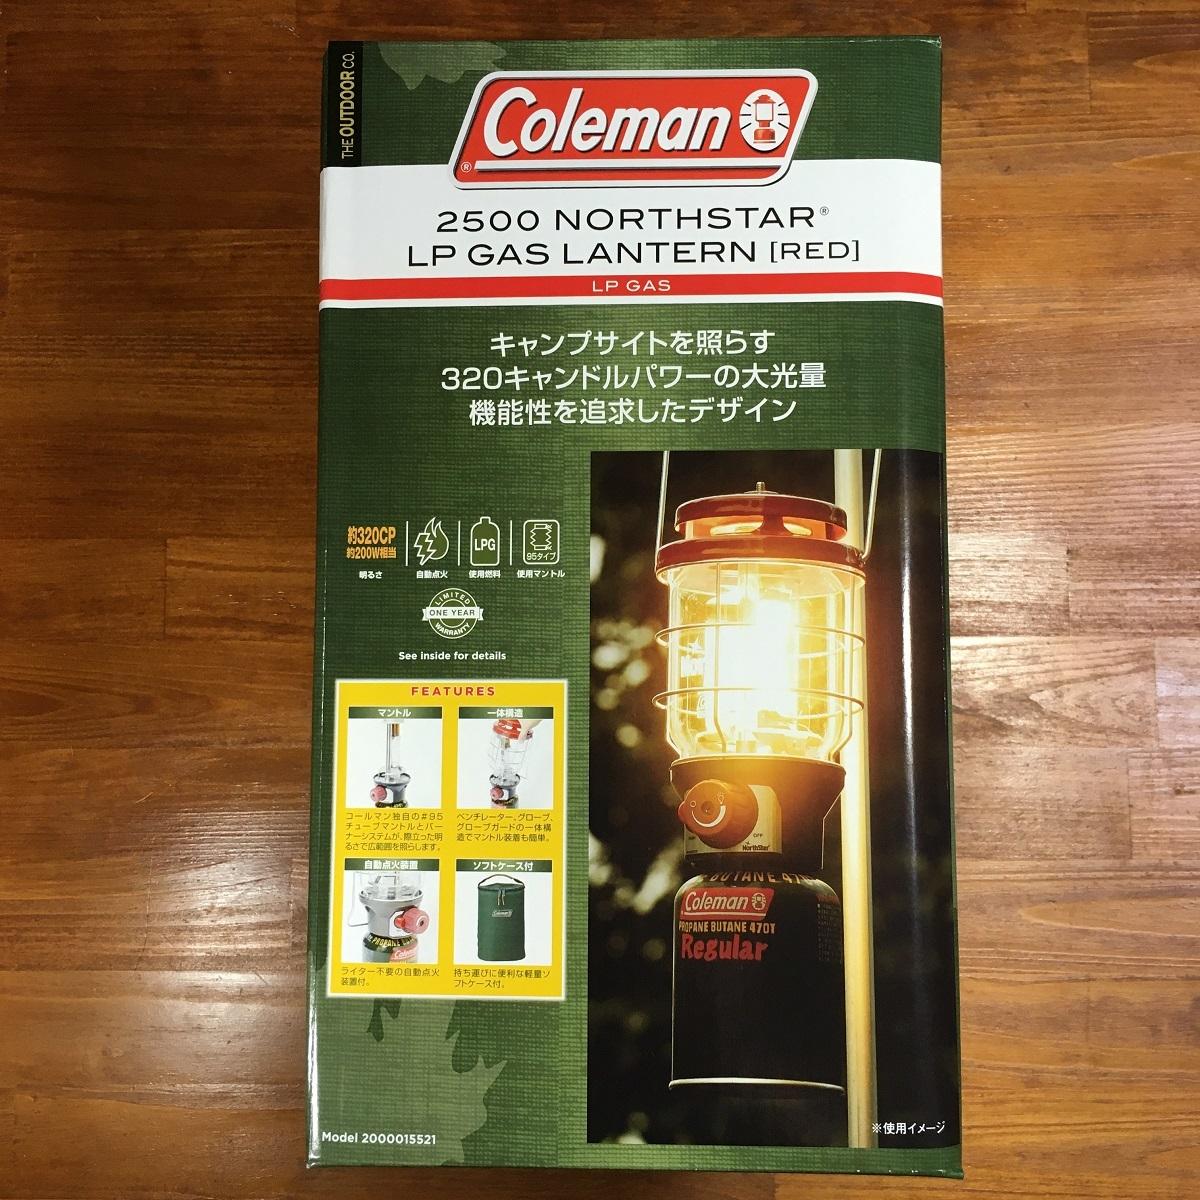 送料無料/新品】Coleman 2500ノーススター LPガス ランタン レッド ソフトケース付き コールマン 赤 キャンプ